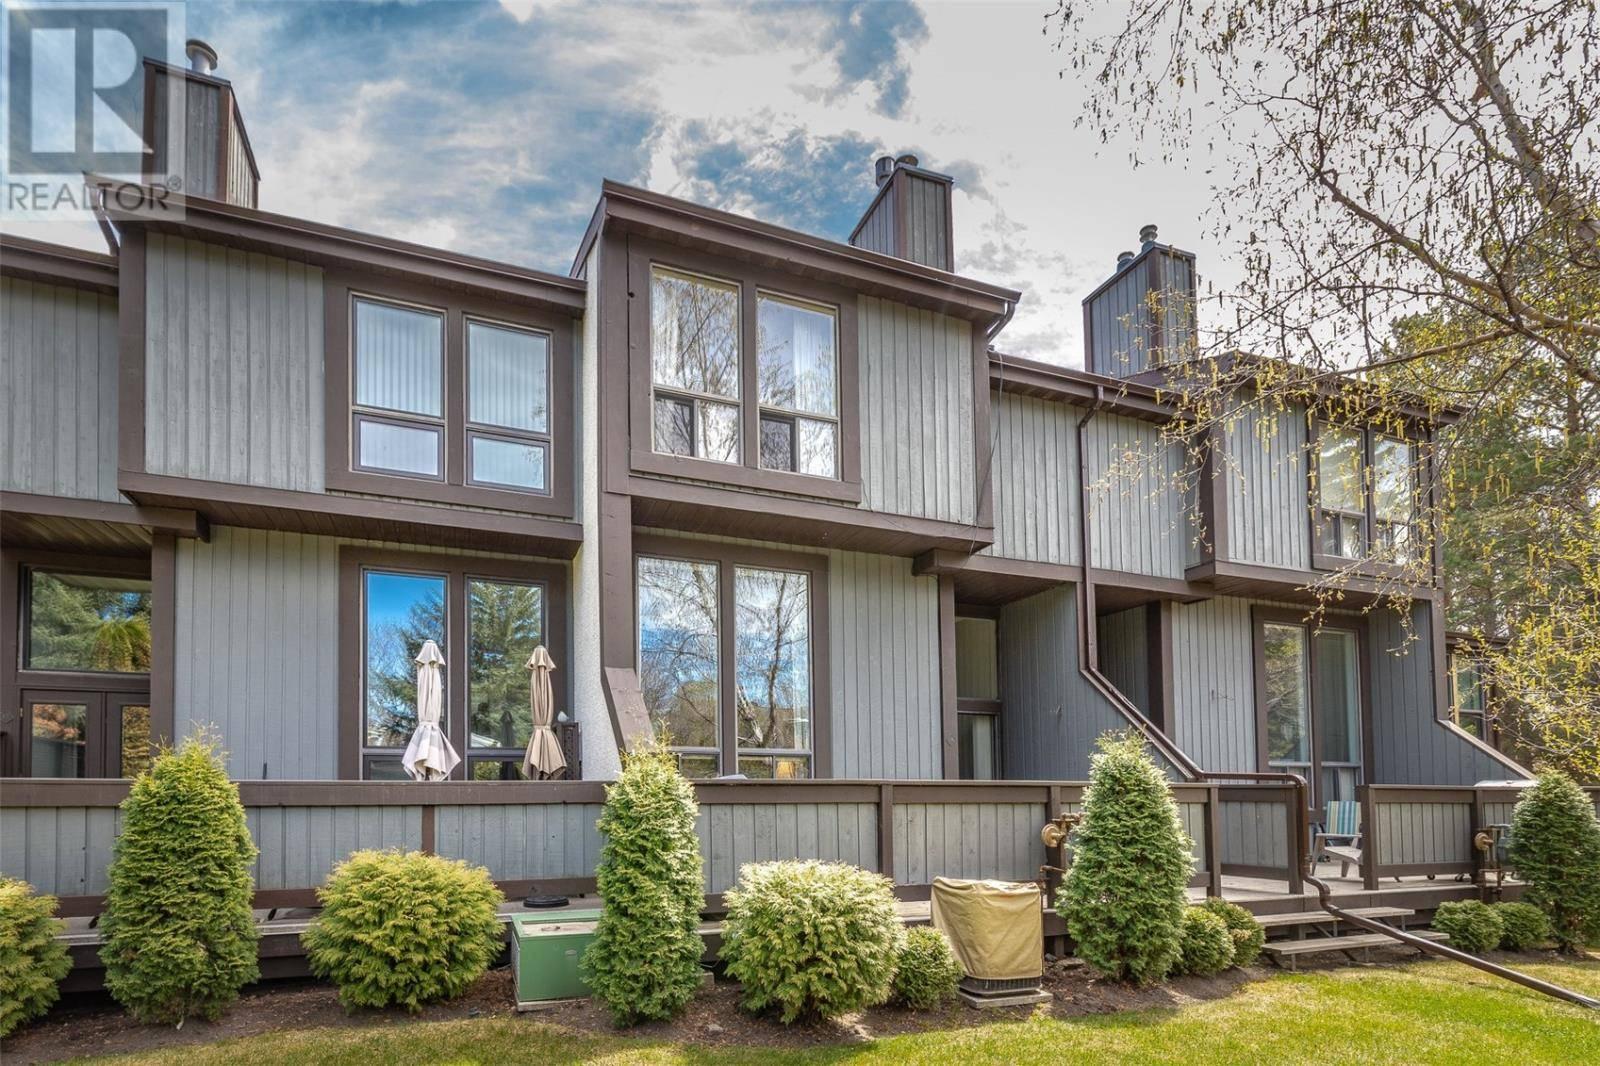 Buliding: 455 Pinehouse Drive, Saskatoon, SK